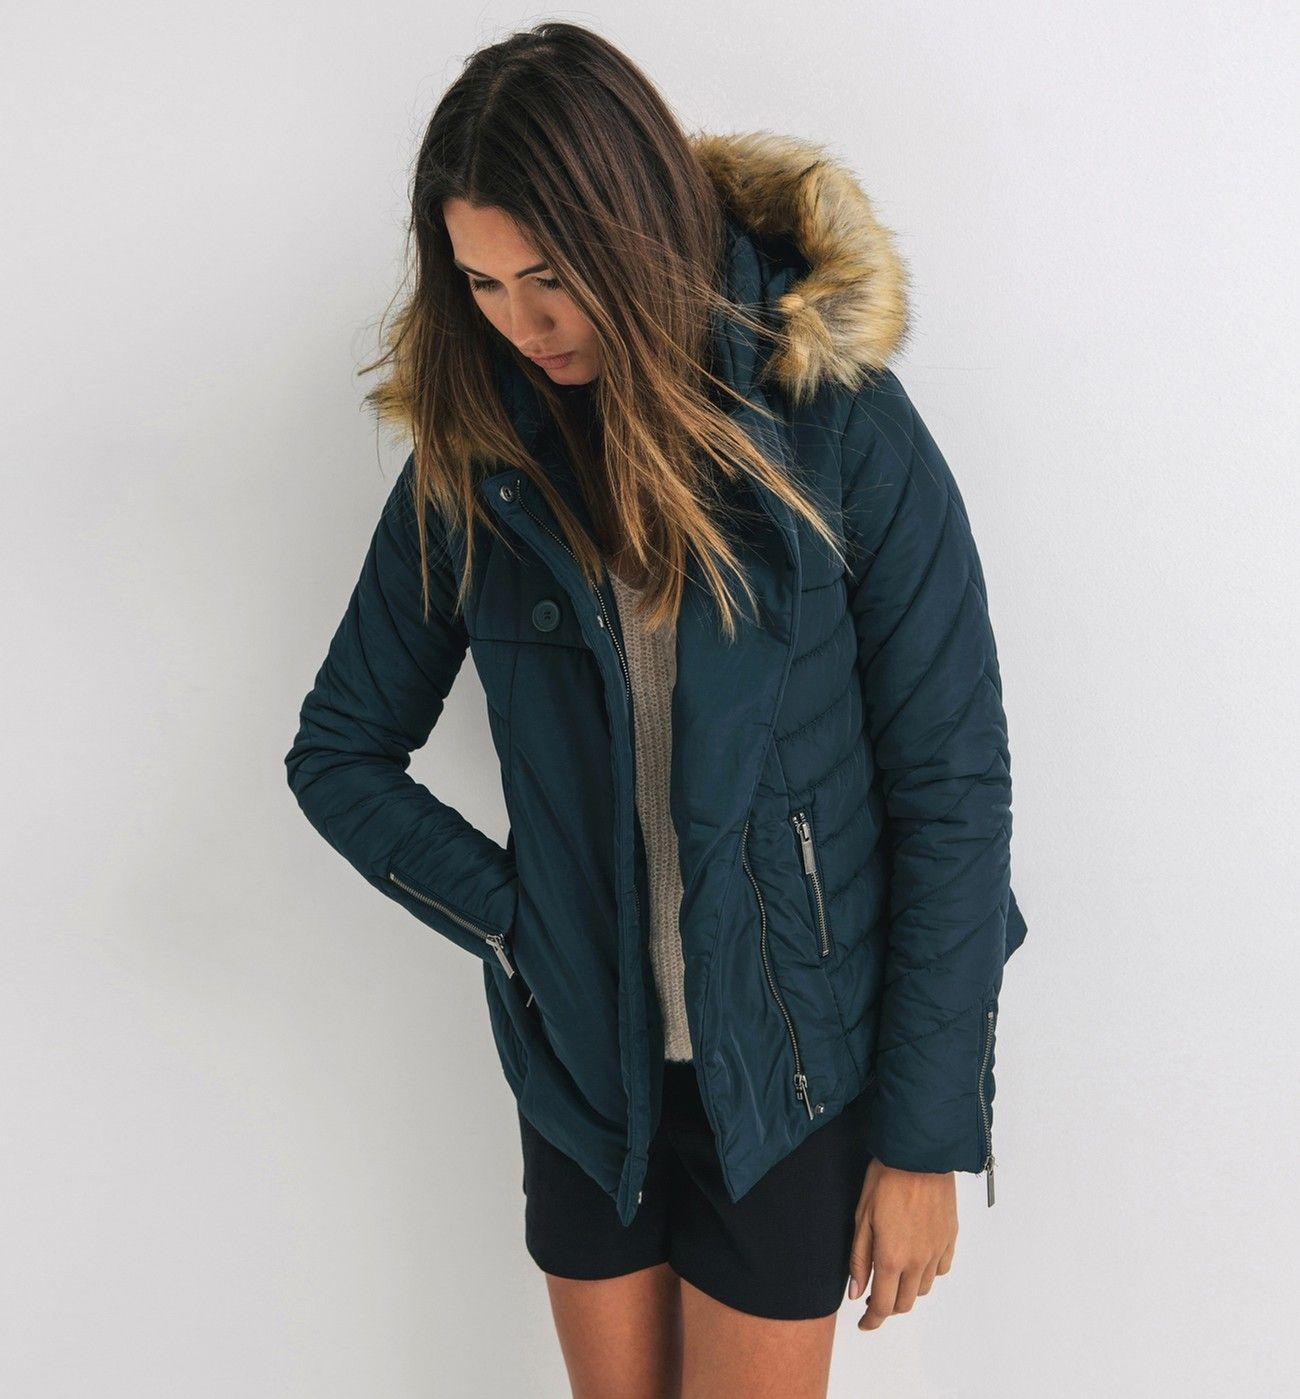 Manteau femme doudoune capuche mode